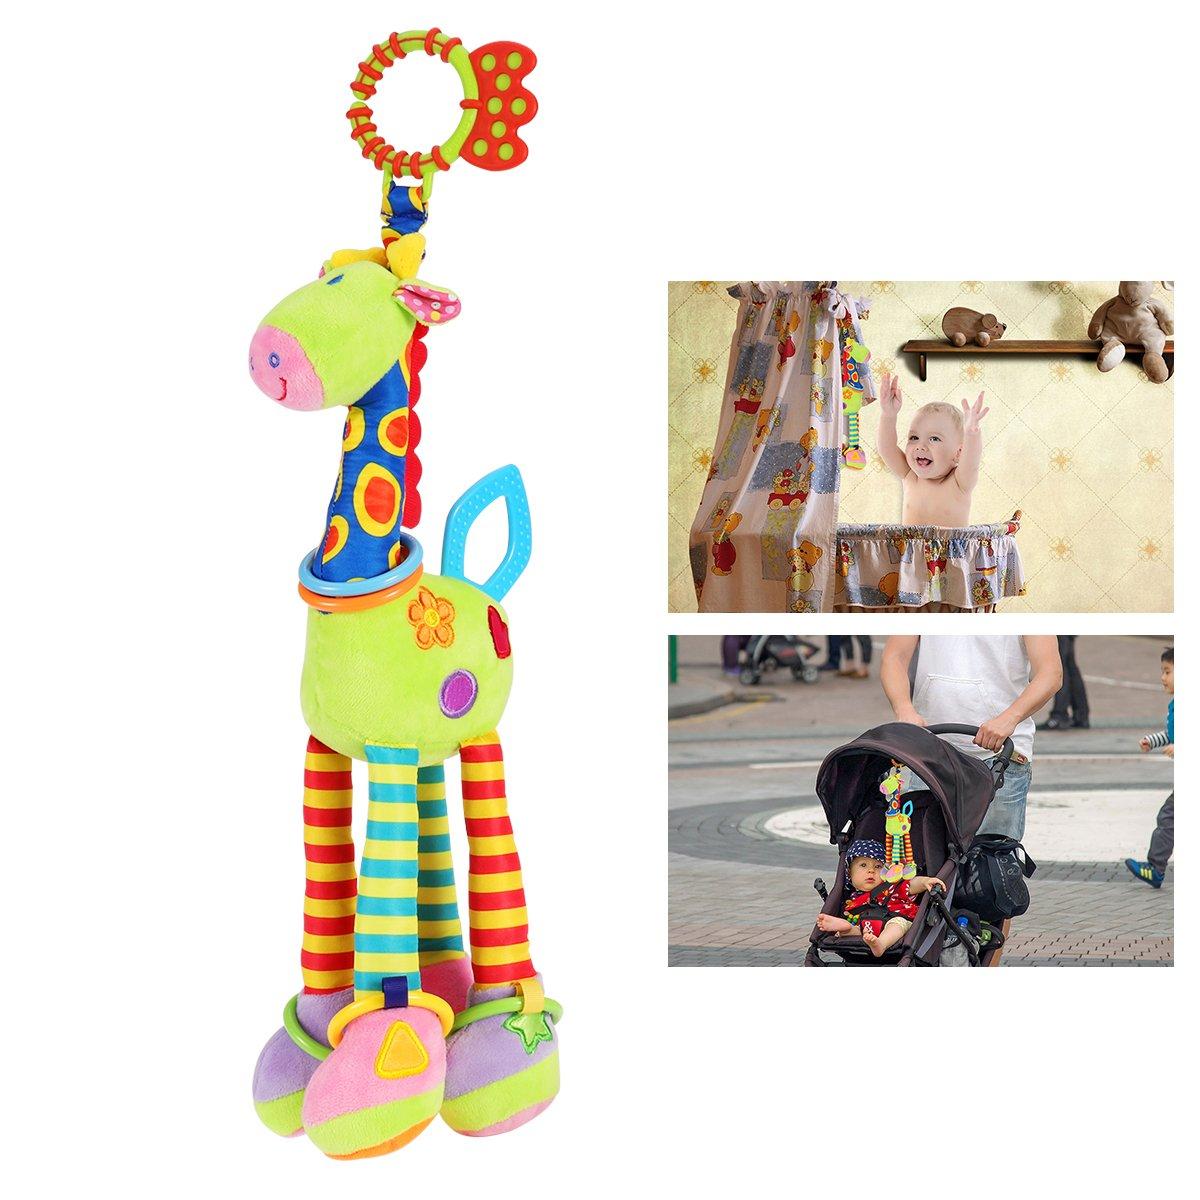 NUOLUX Bébé Jouet de Poussette Hochet Jouets Girafe Educatifs en Peluche d'activités Hanging Jouets avec Sonnerie (Couleur Aléatoire)